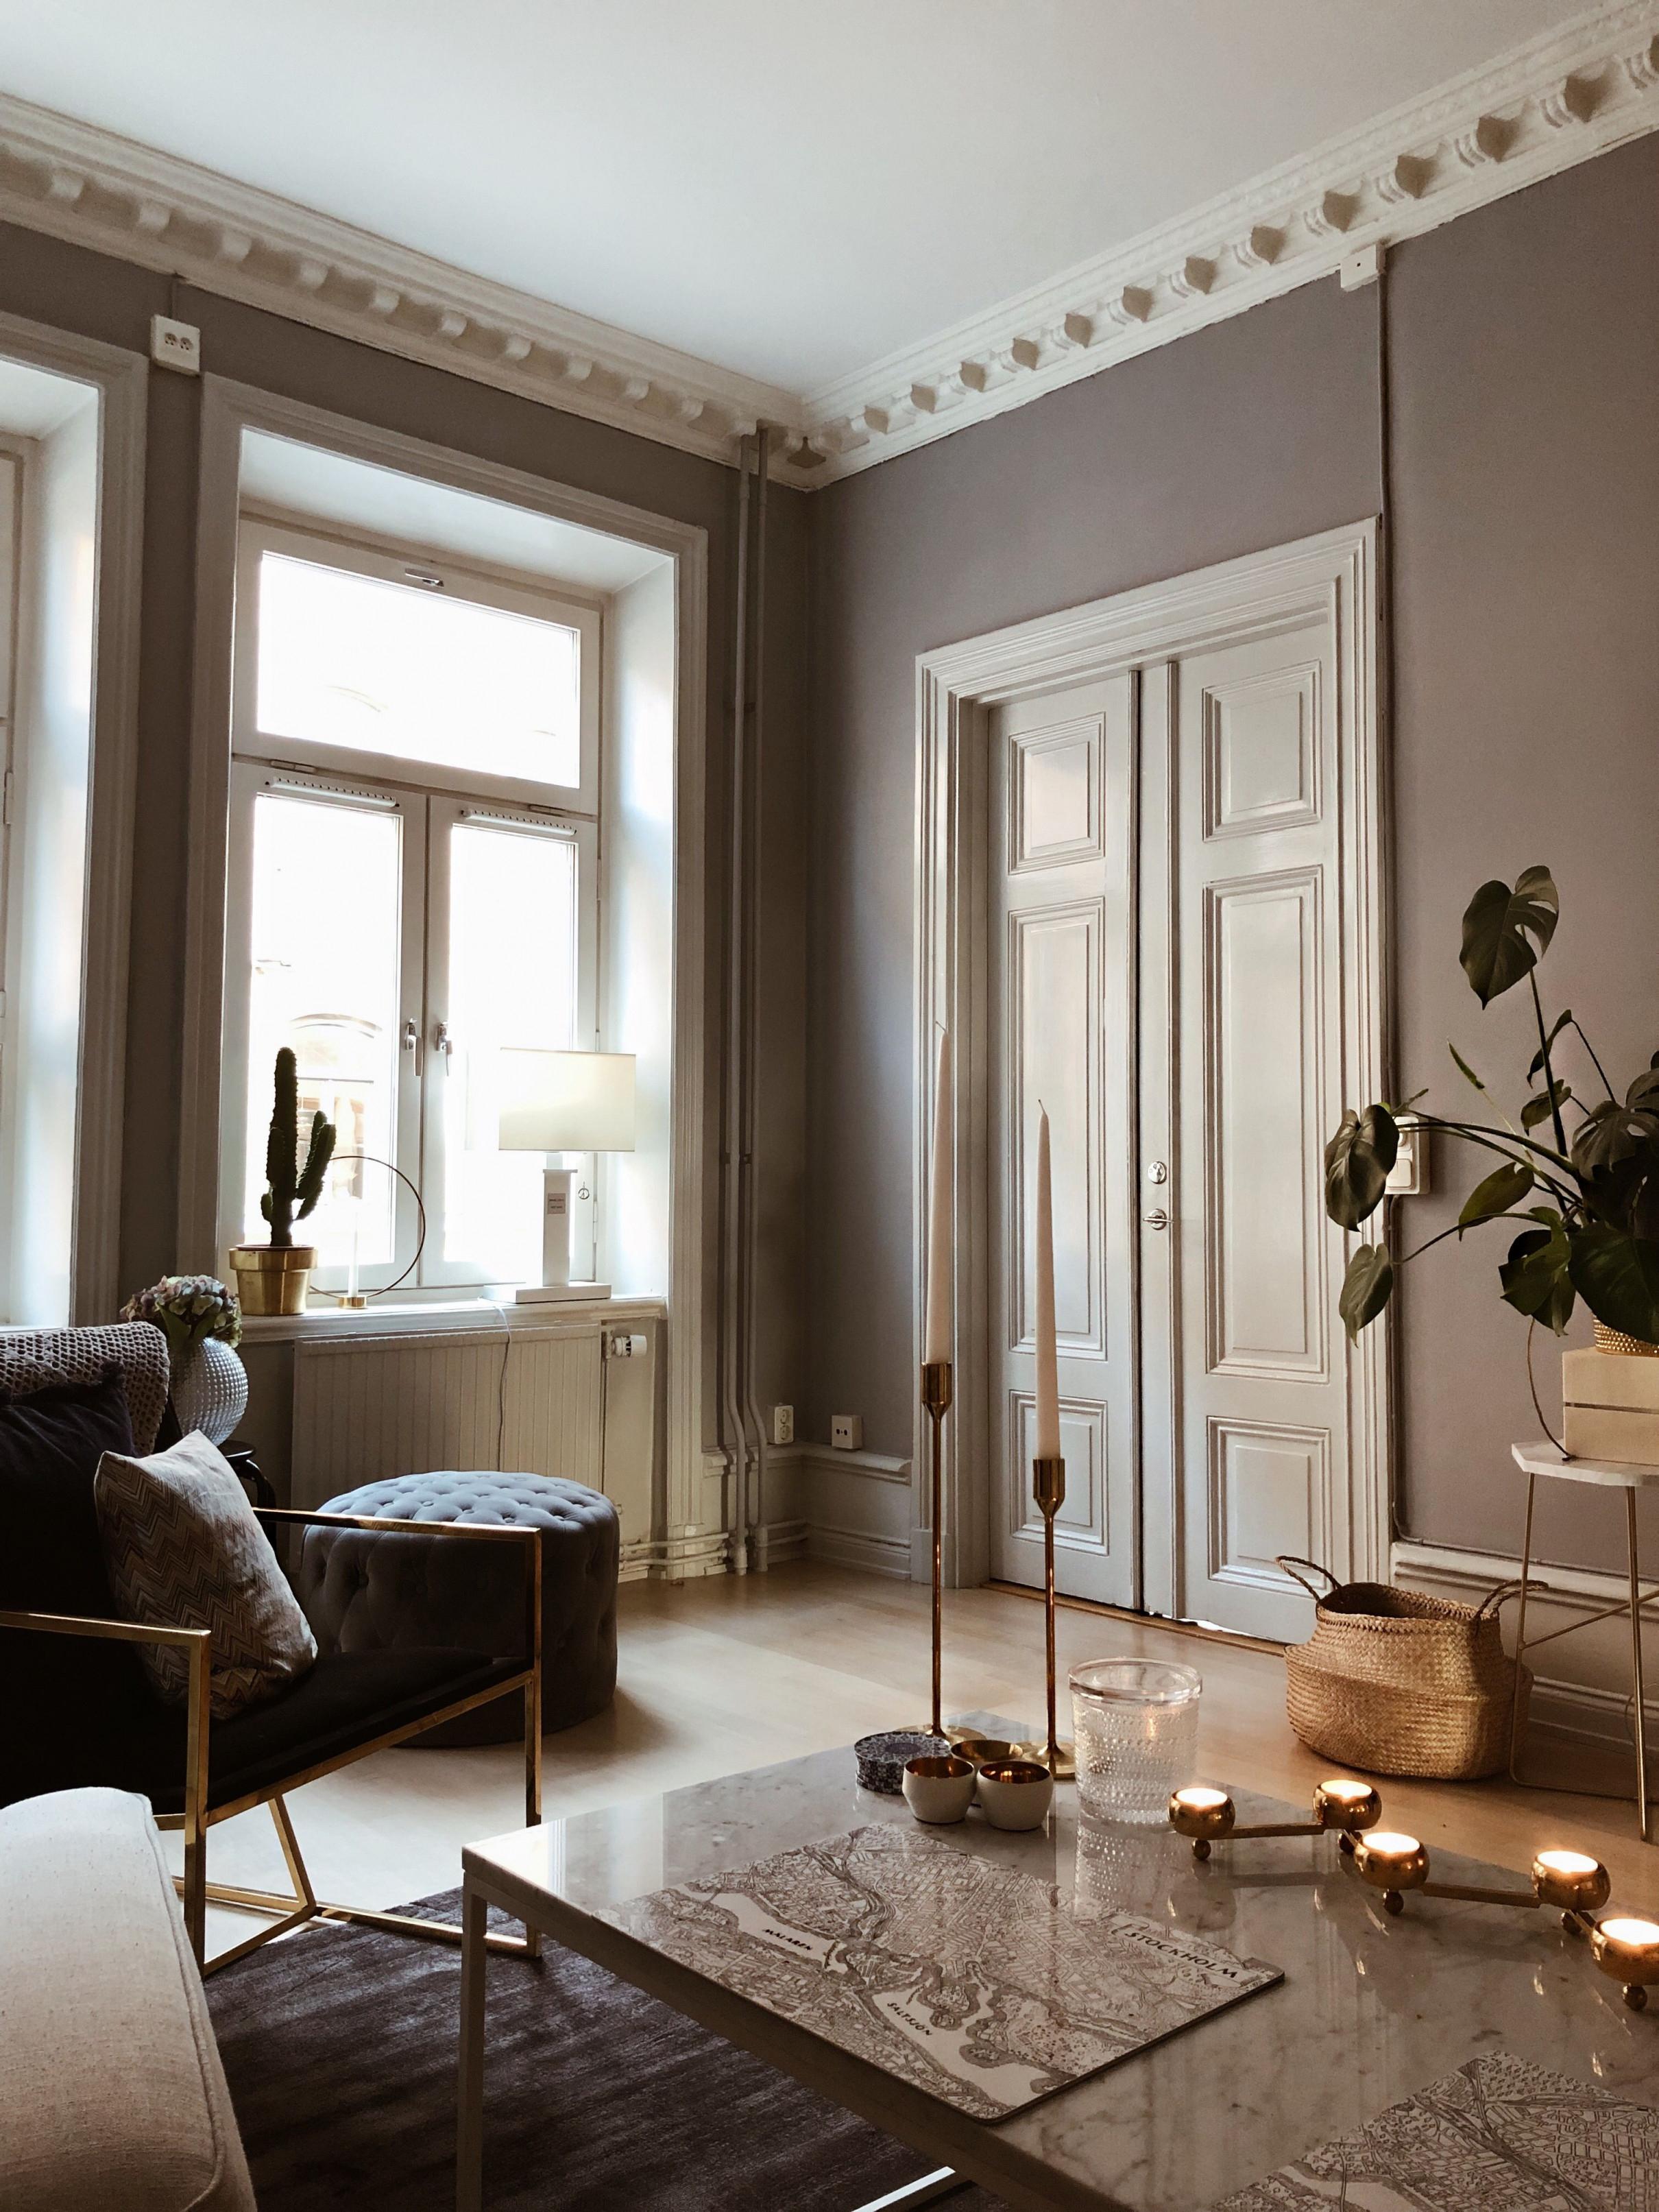 Pinamelie Groß On Vardagsrum  Home Decor House von Wohnzimmer Groß Einrichten Bild